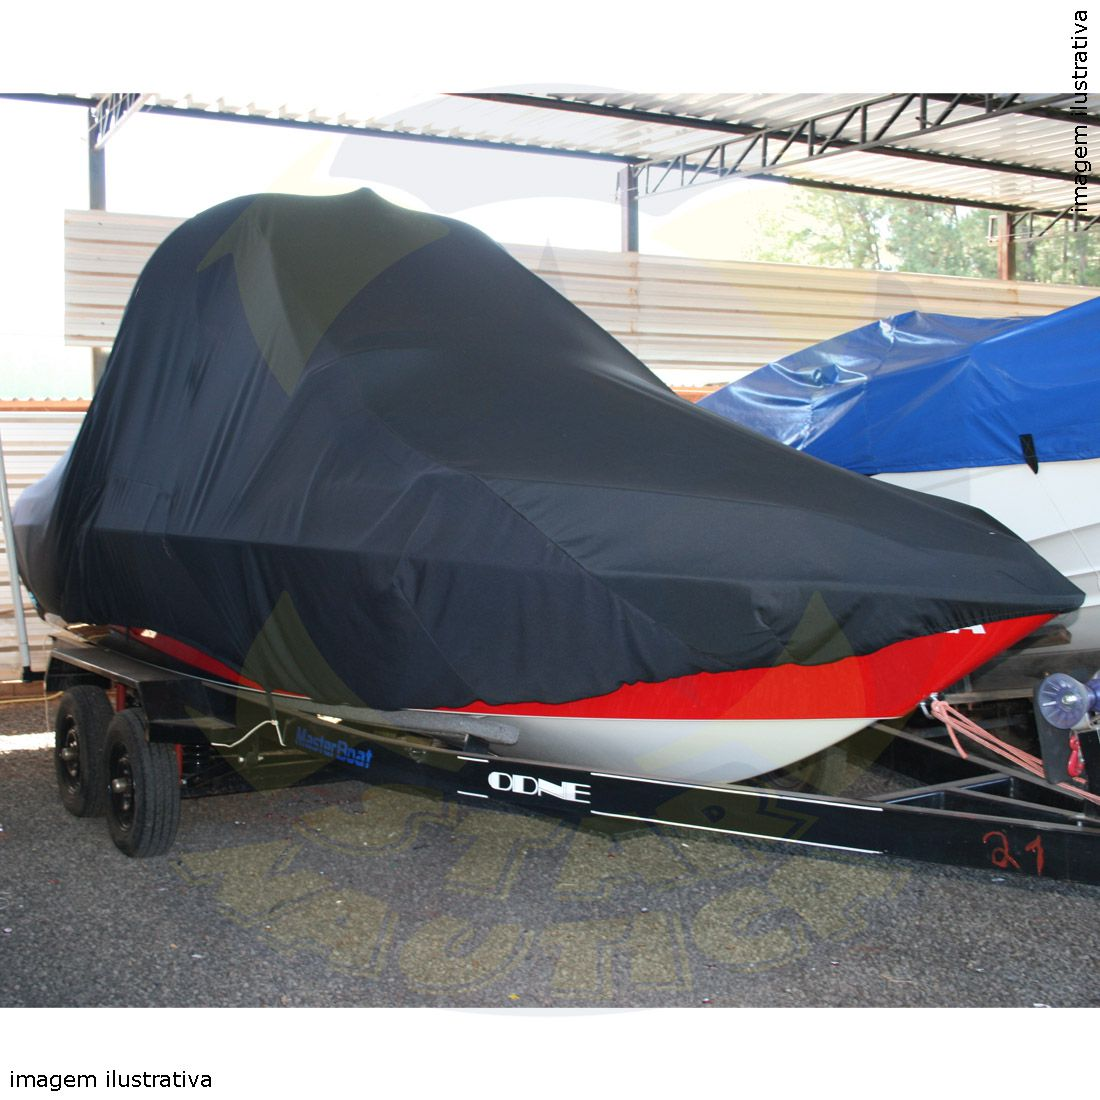 Capa Lona de Cobertura Lancha Focker 255 com Targa Lona Emborrachada